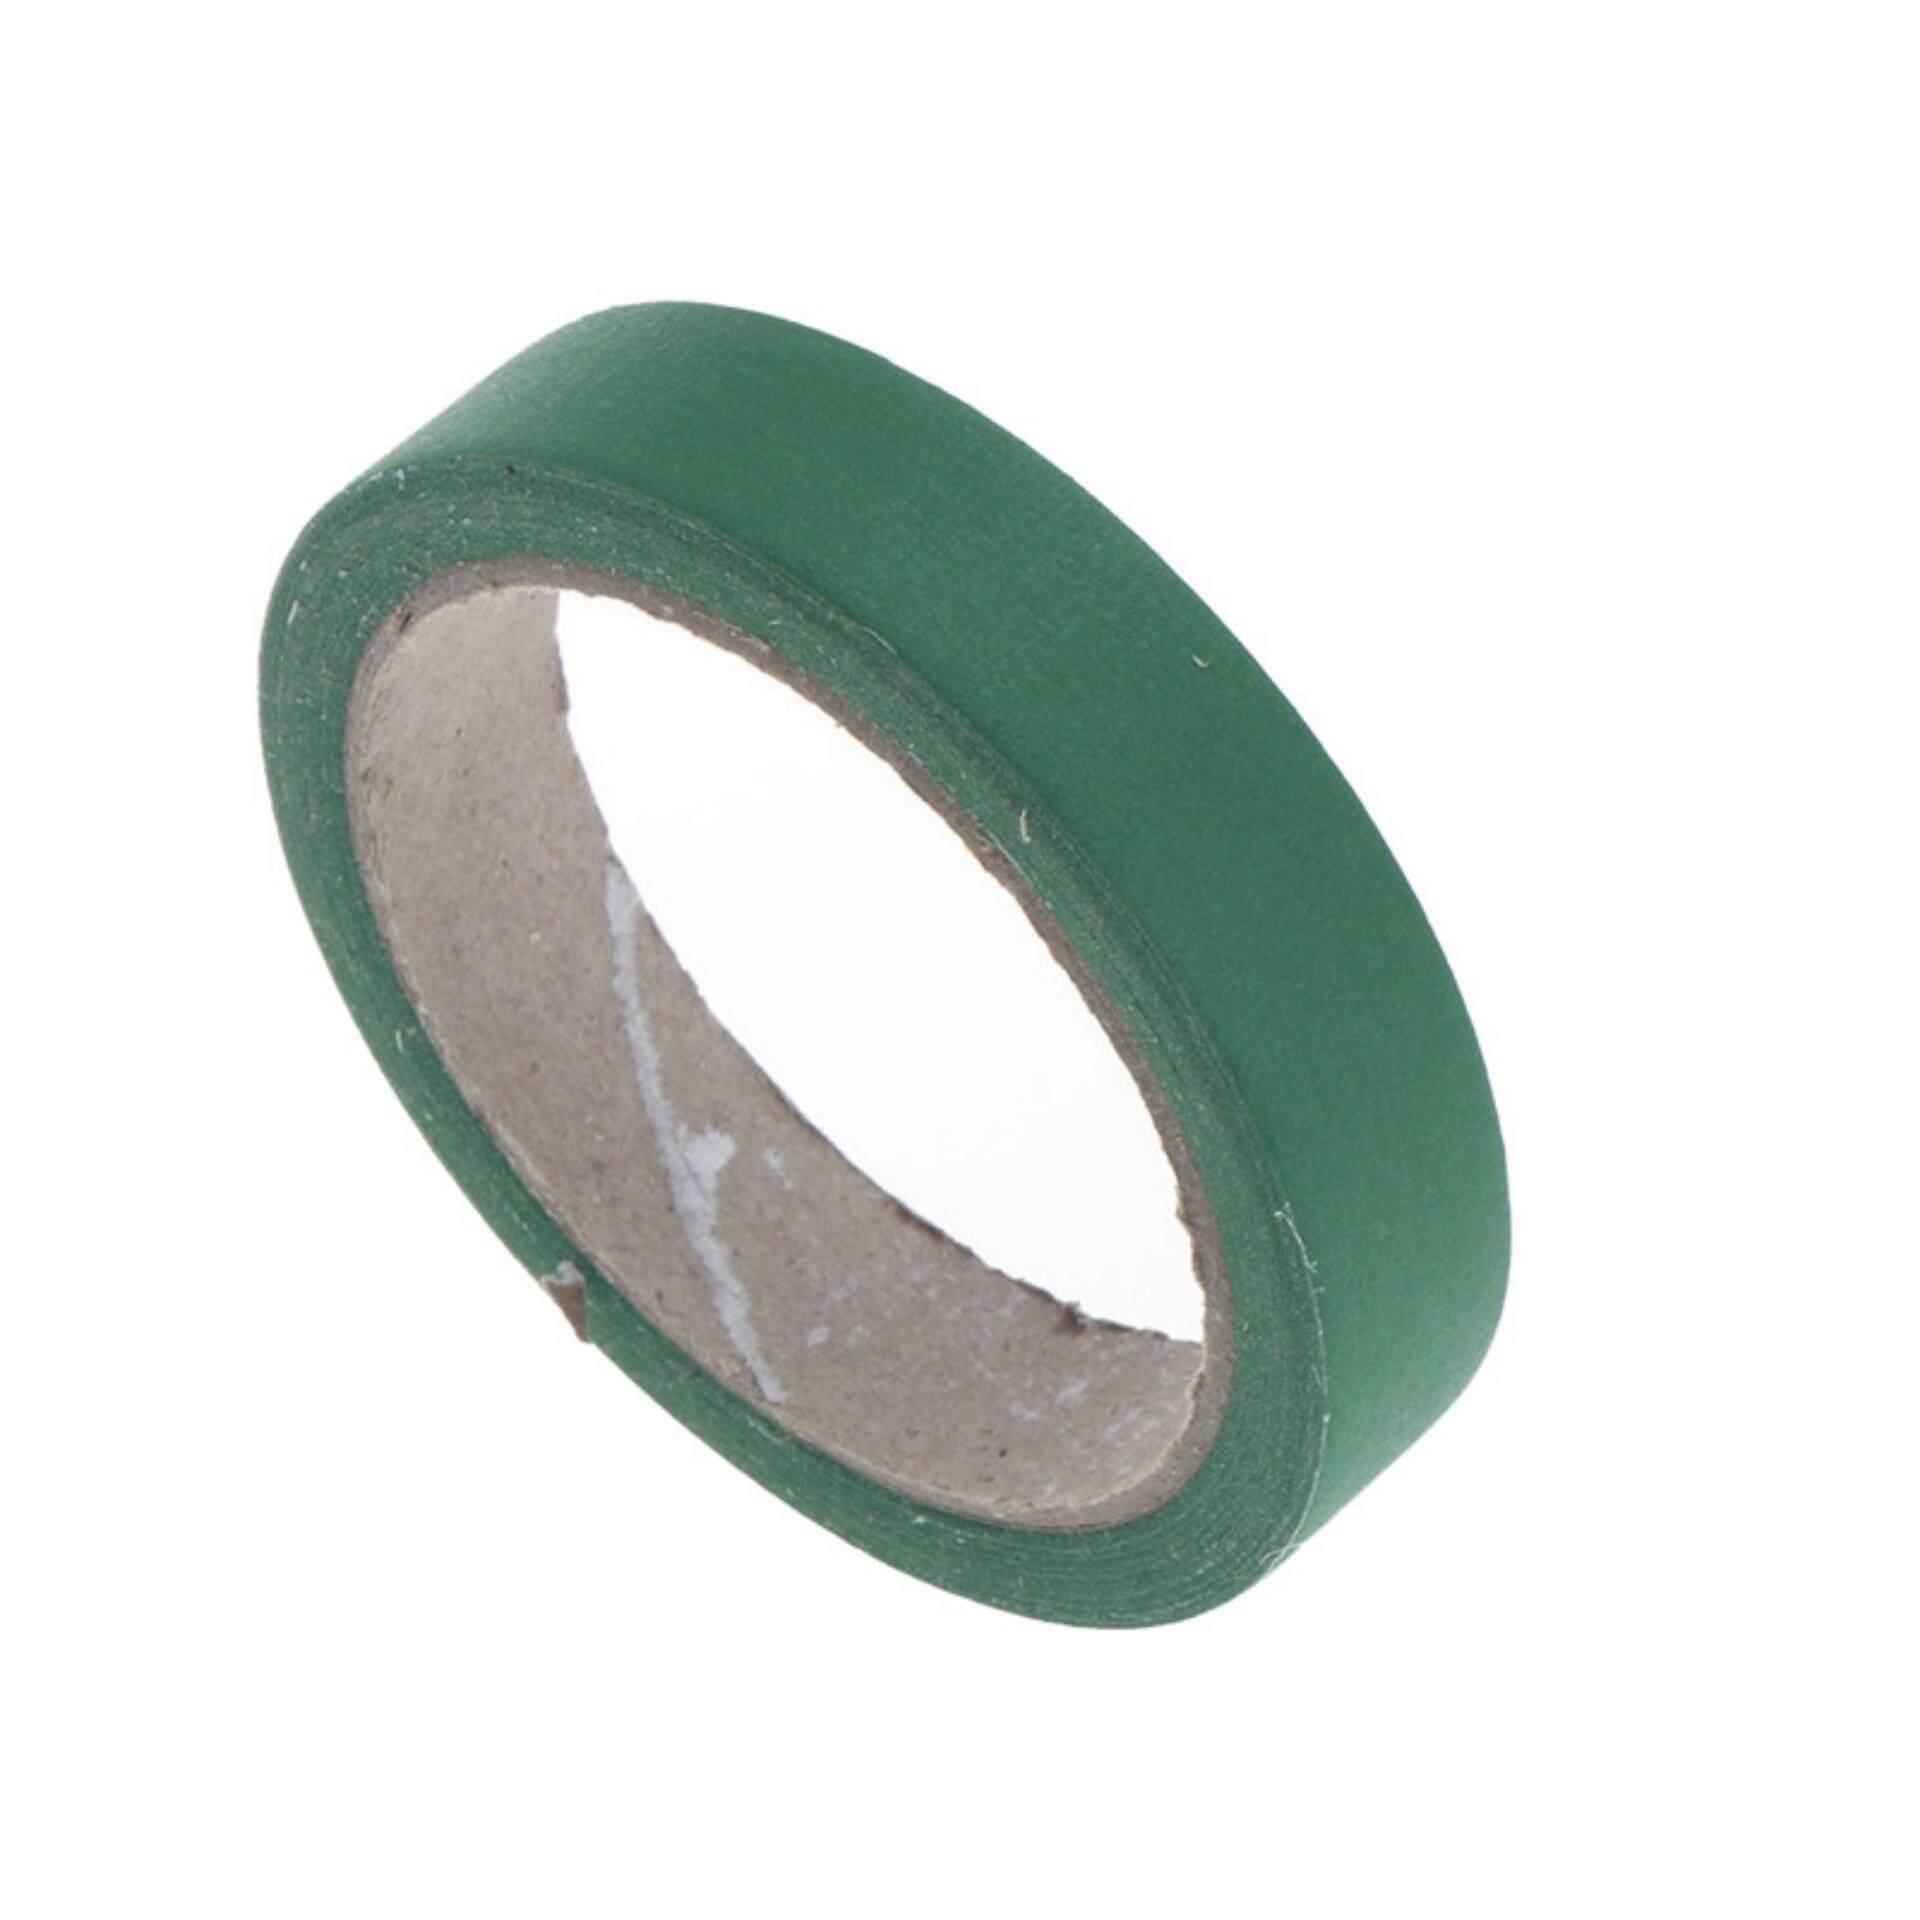 กระดาษที่มีสีสันเทปเหนียว Diy Masking เทปกาวทาสีทั่วไปเครื่องมือหัตถกรรมสีเขียว 10 มิลลิเมตร * 20 เมตร - Intl By Lofow Rain.